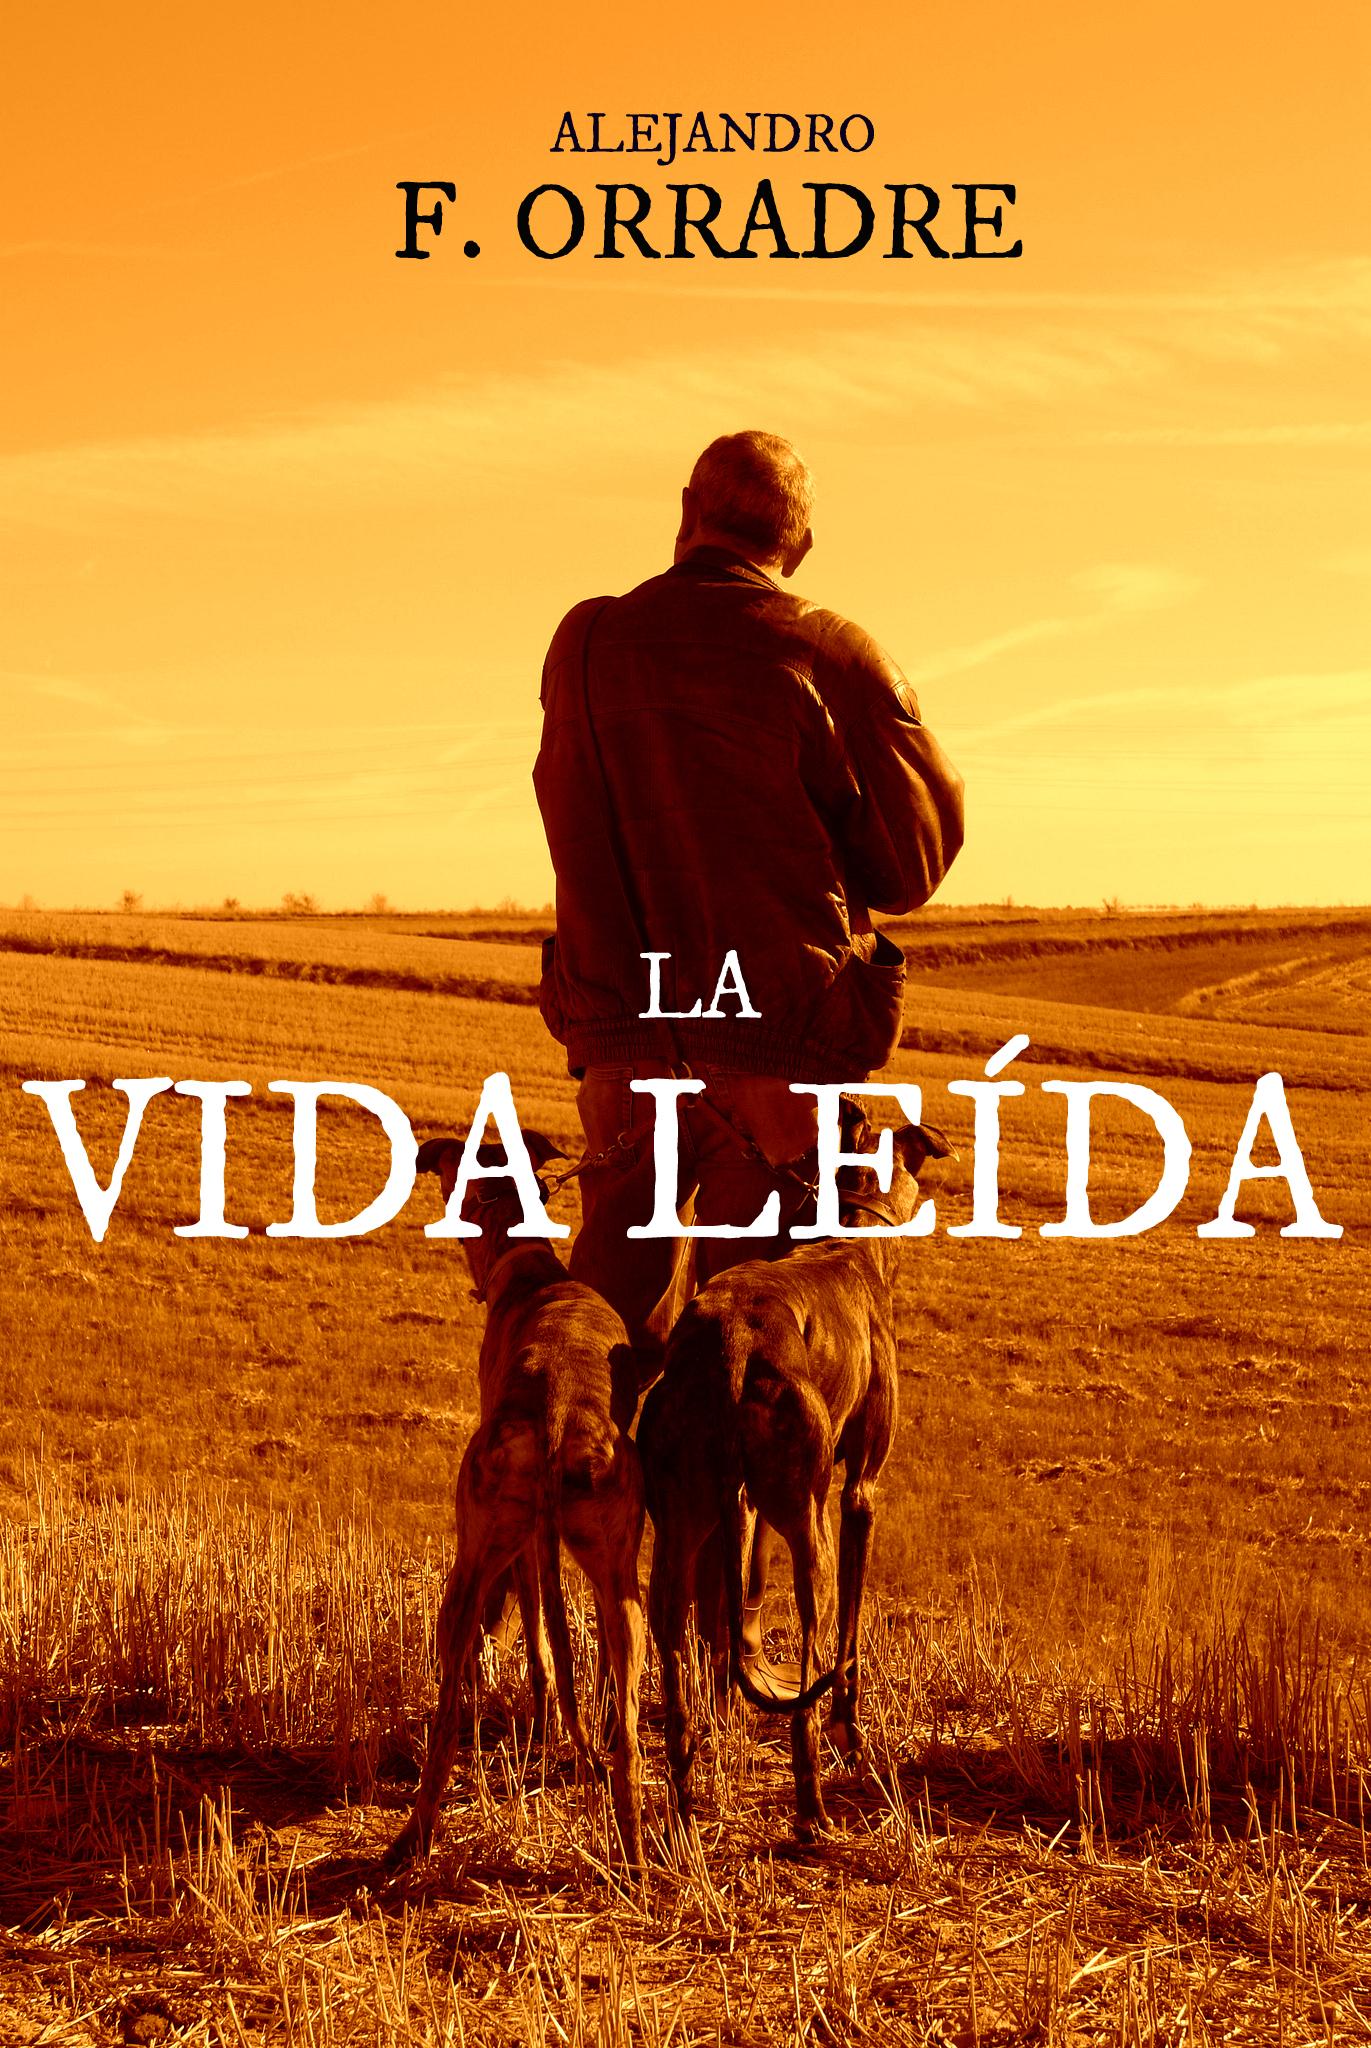 La vida leída - Alejandro F. Orradre Portada